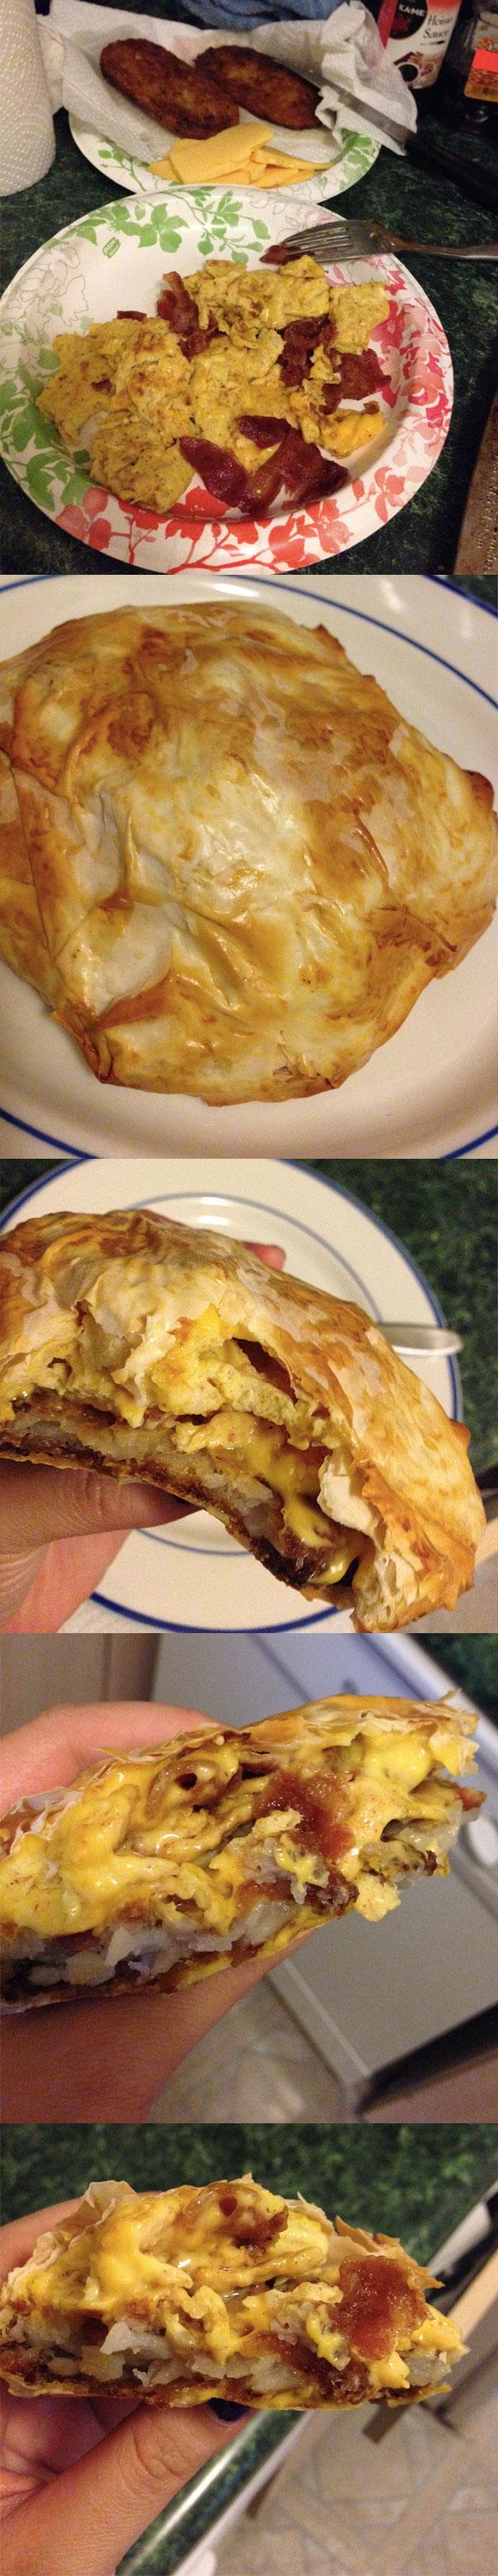 homemade-am-crunch-wrap